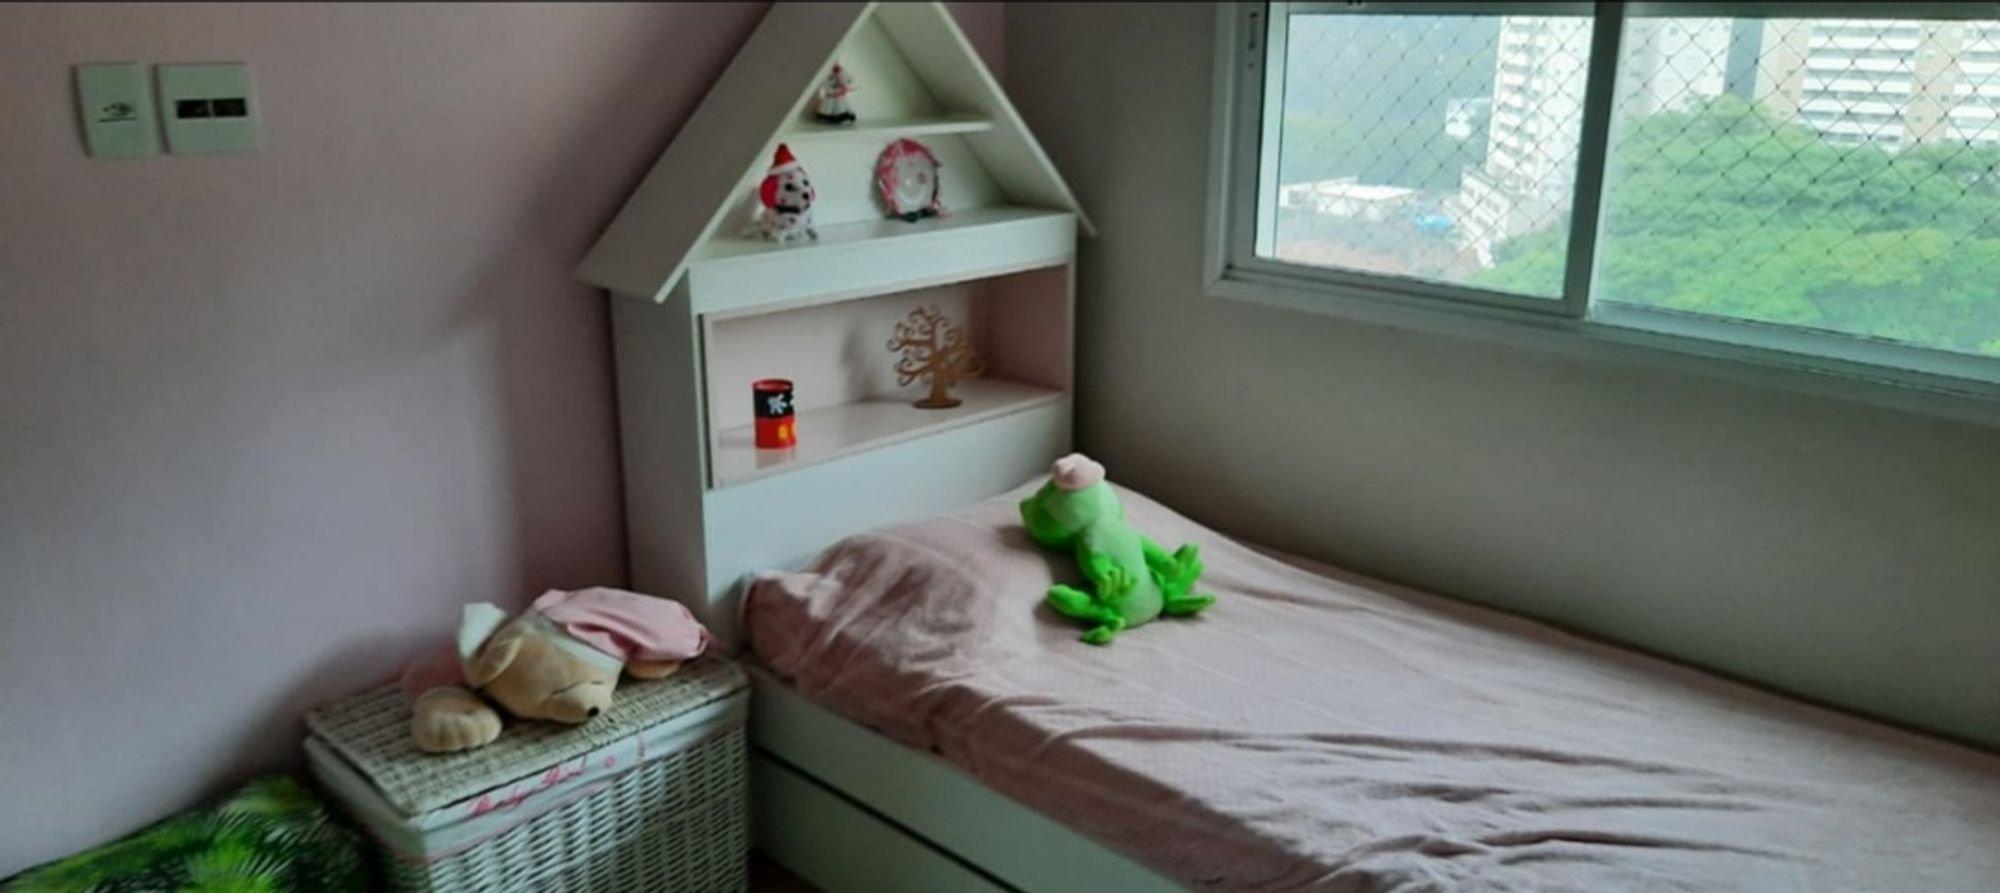 Foto de Quarto com cama, vaso